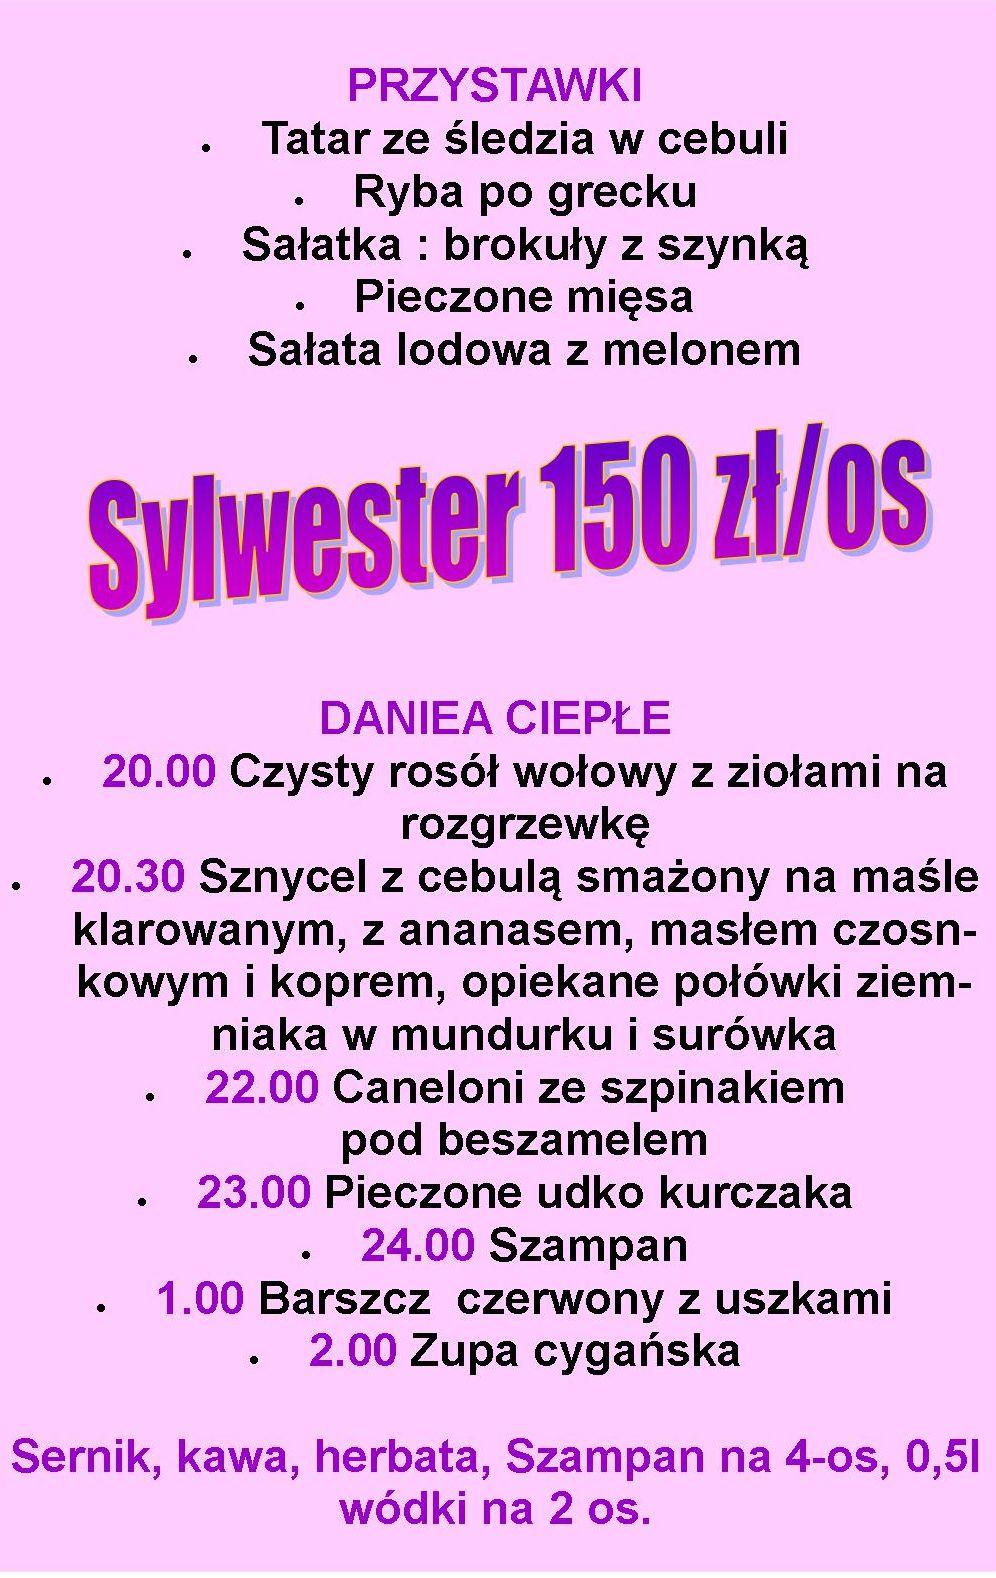 Zapraszamy na zabawę sylwestrową, zaczynamy o 20.00, 31.12.2013 będzie świetna zabawa....